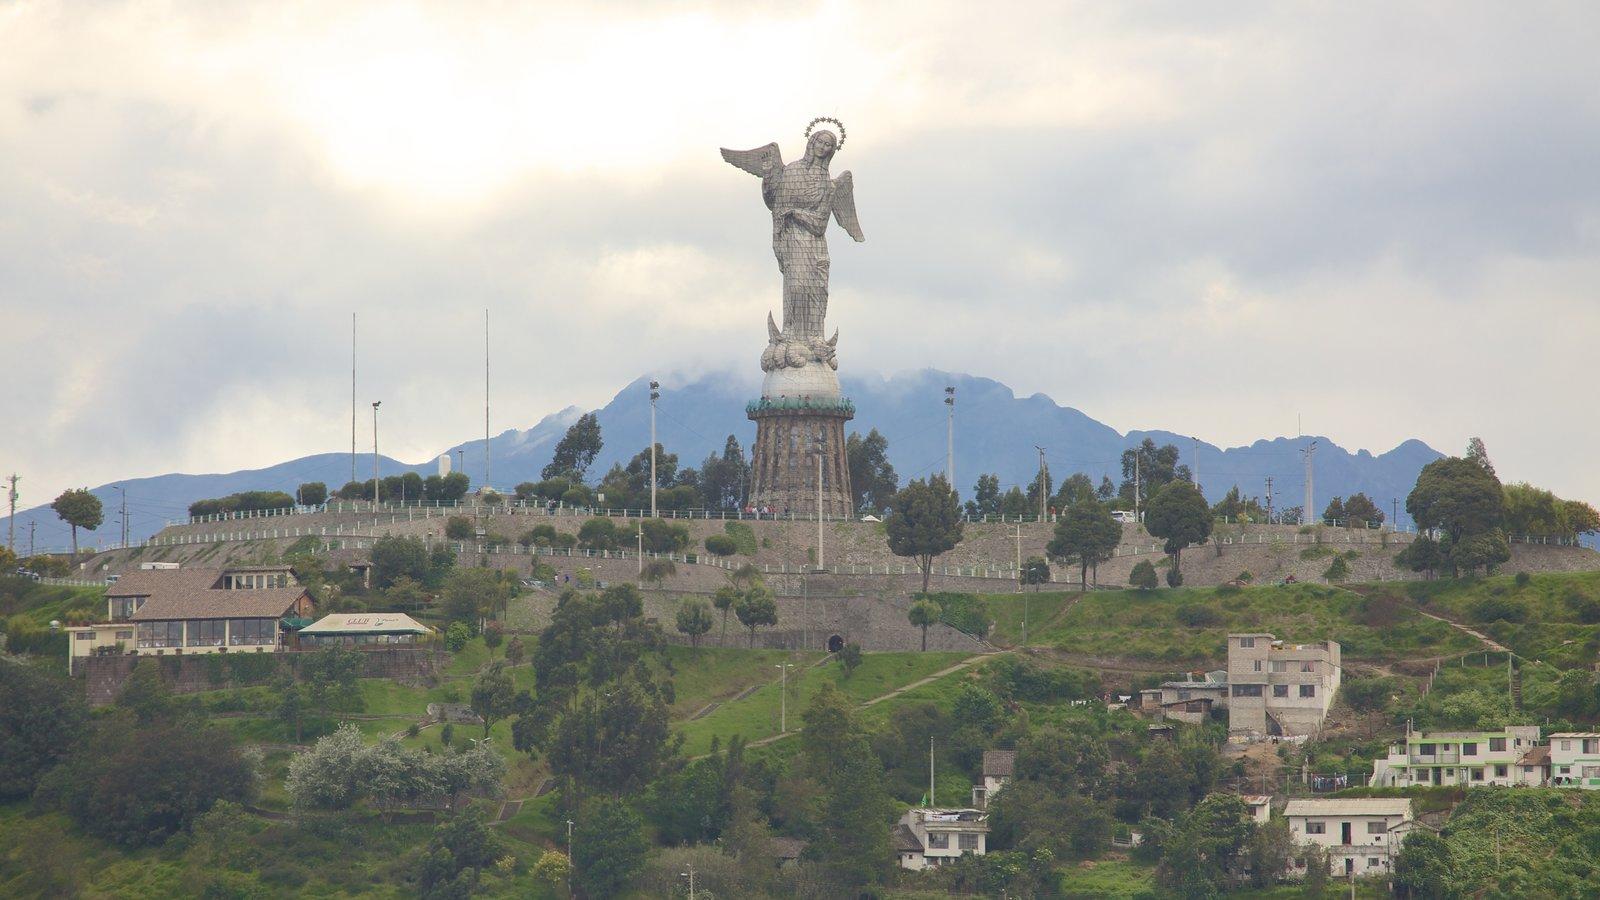 Basílica do Voto Nacional caracterizando um jardim e uma estátua ou escultura